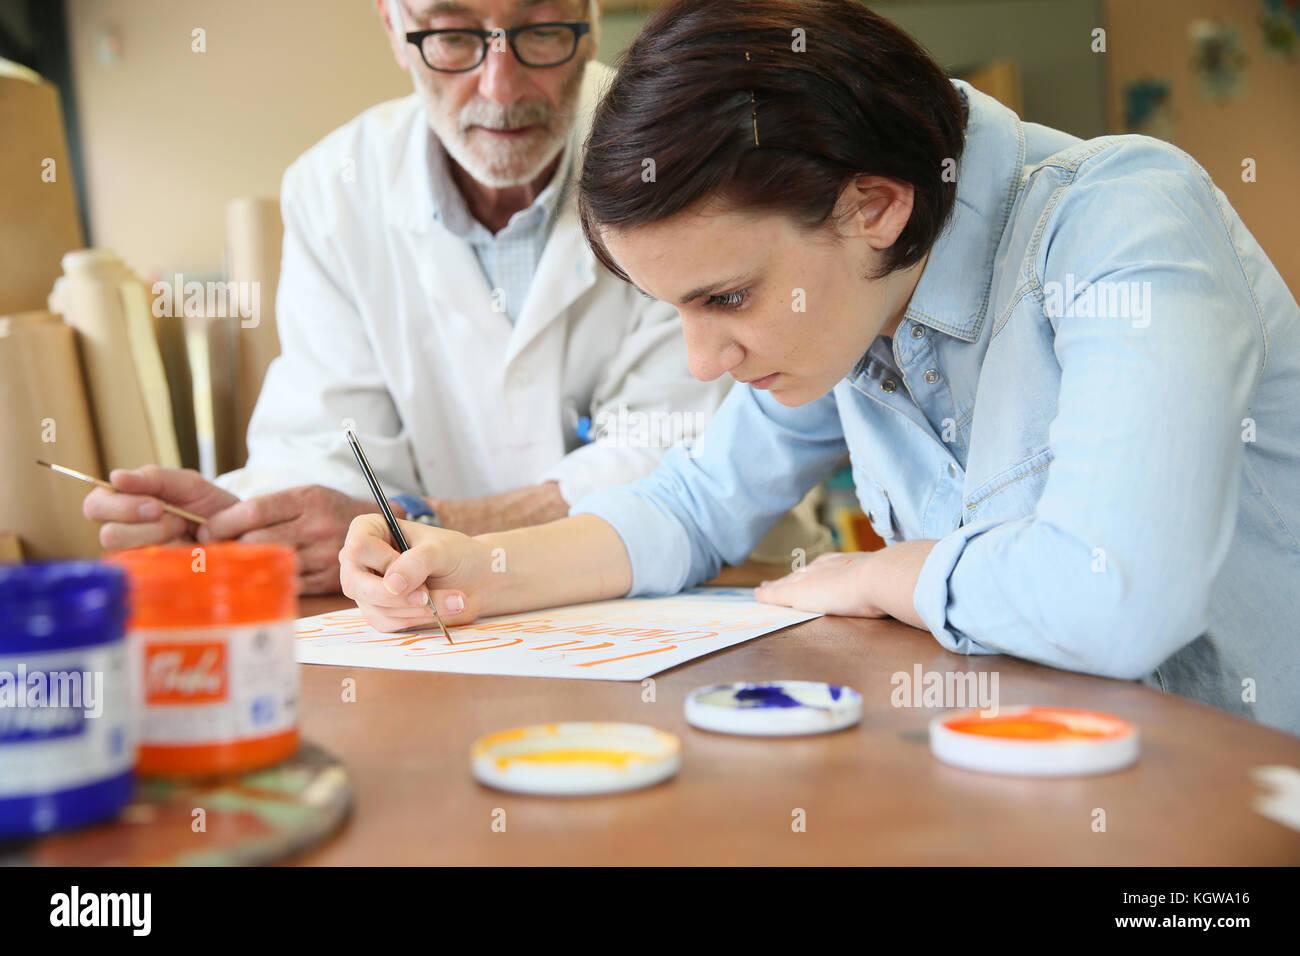 Giovane donna a scuola a studiare pittura decorativa Immagini Stock